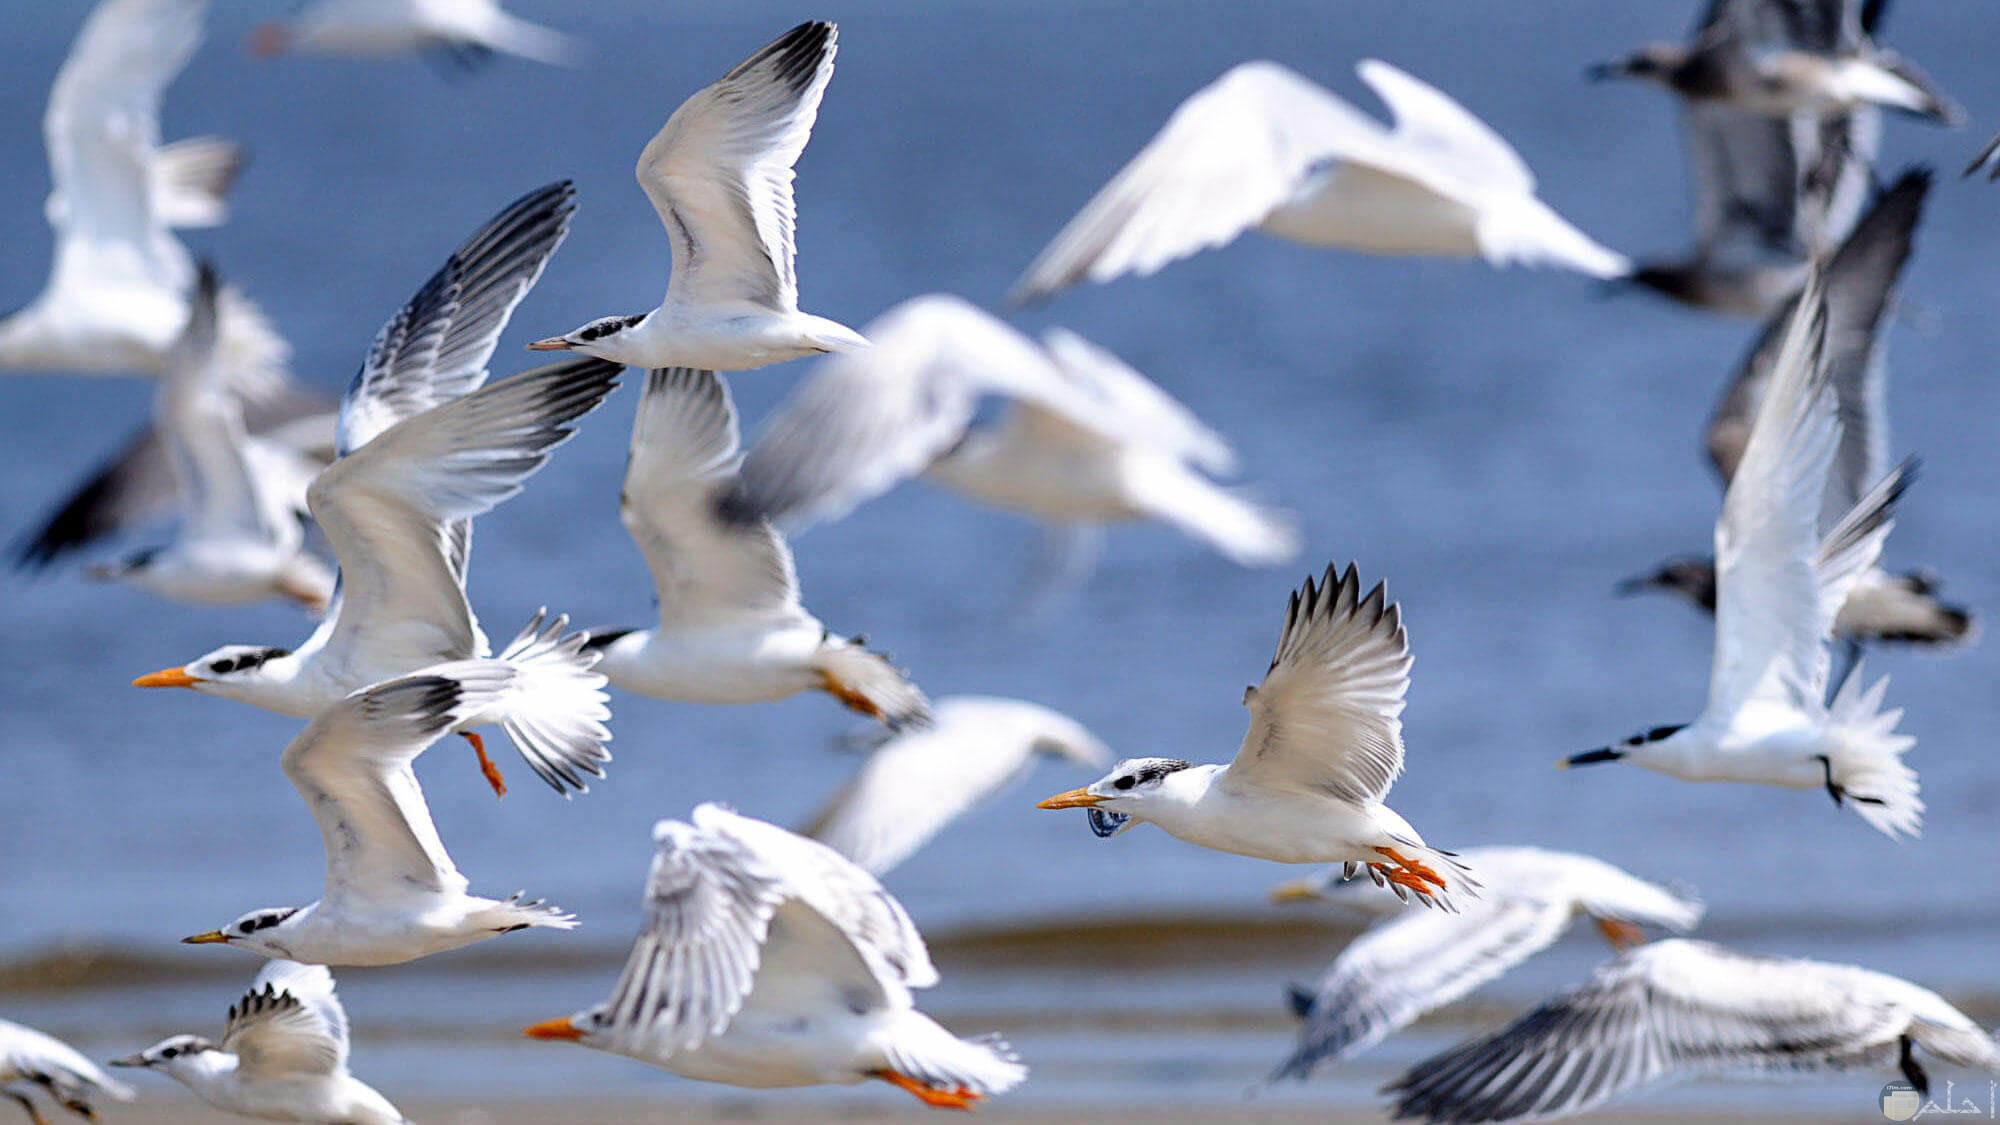 طيور تحلق في سماء الحرية.